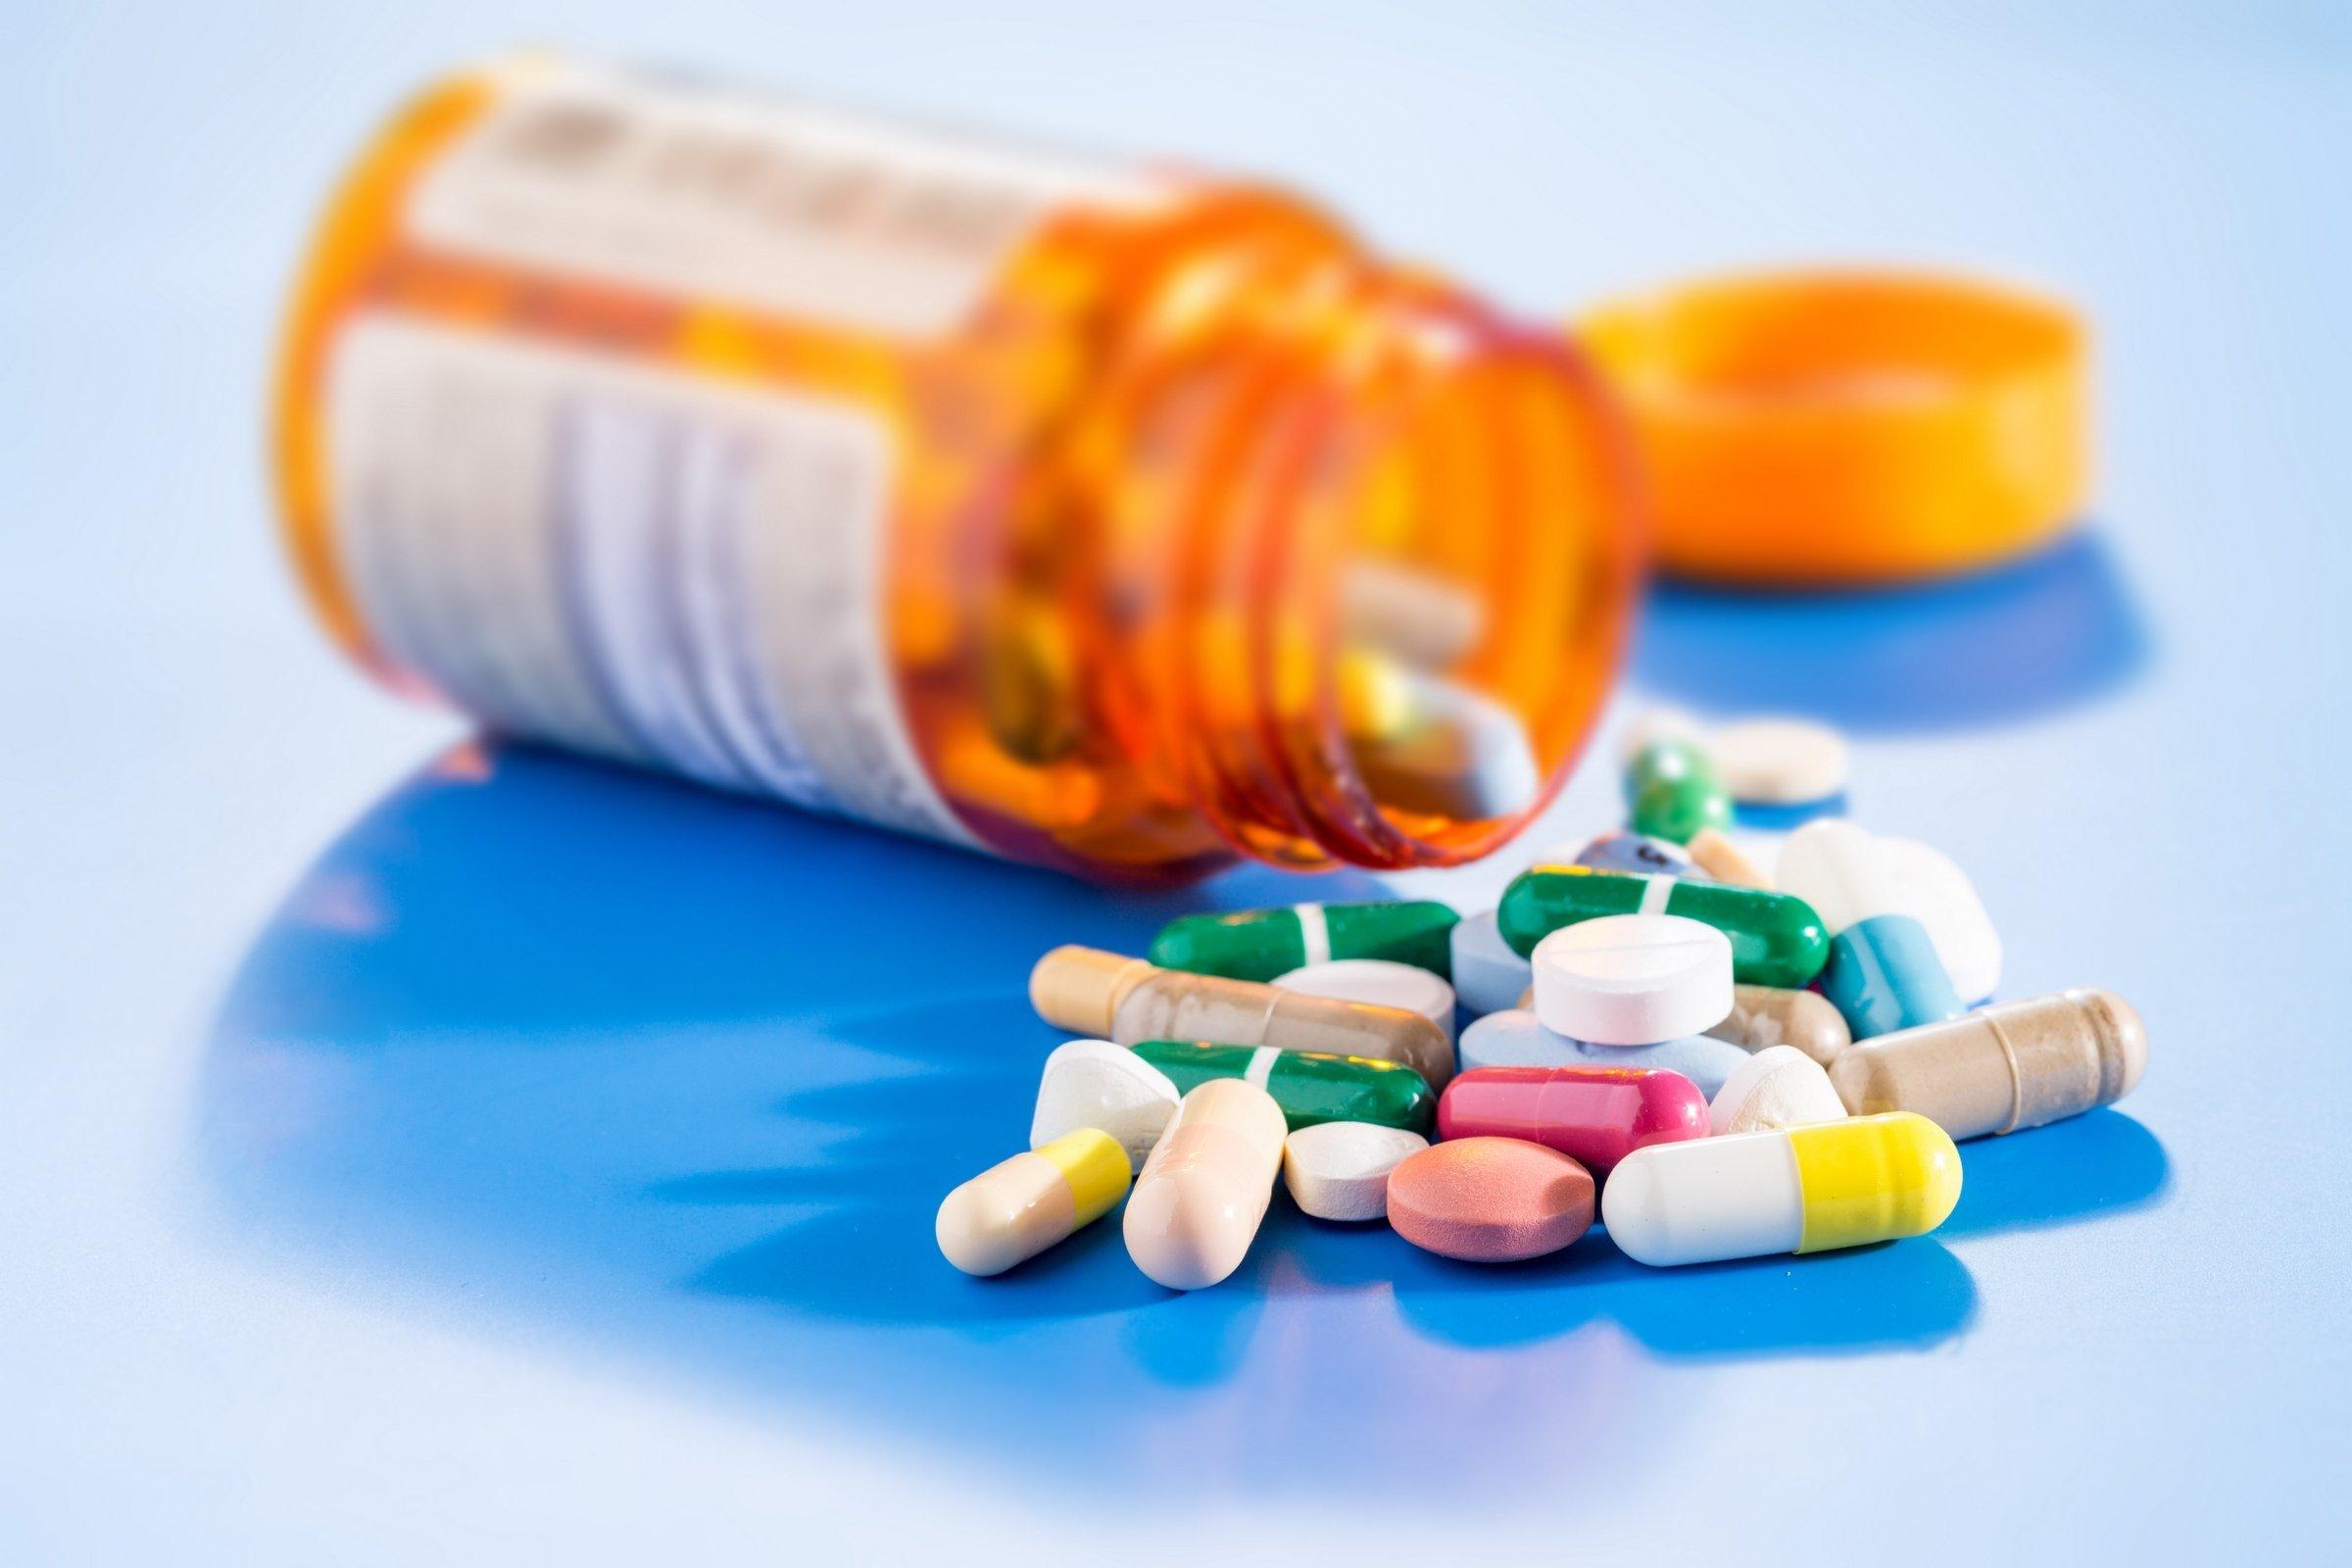 Os remédios mais caros em relação aos genéricos | Invest | Exame